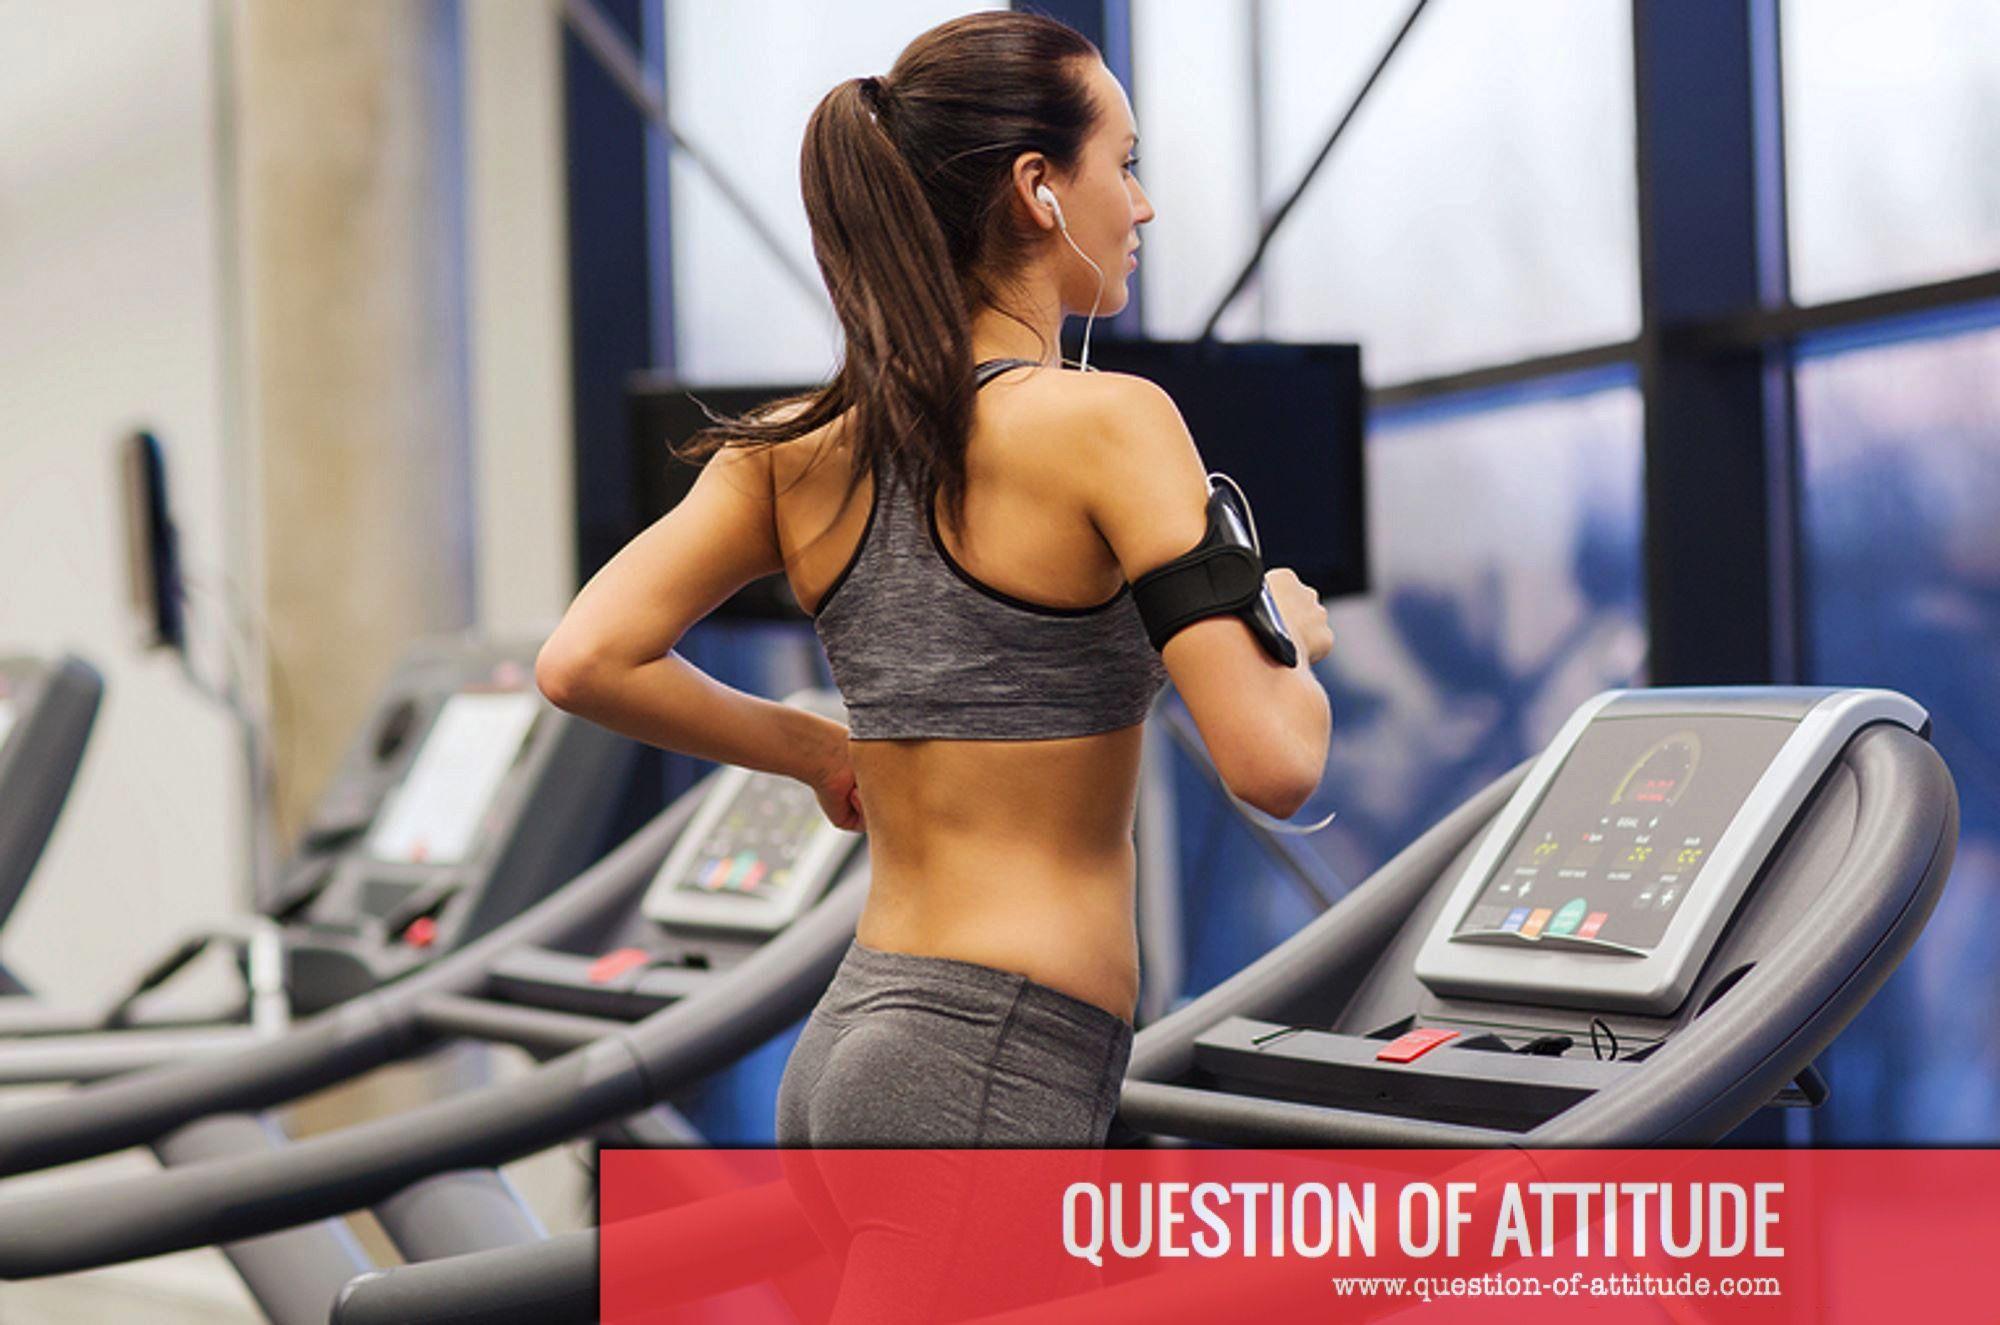 Die besten Supplements für #Muskelaufbau und #Fettverbrennung! #Fitnessmodel #Bikinimodel #Fitspo